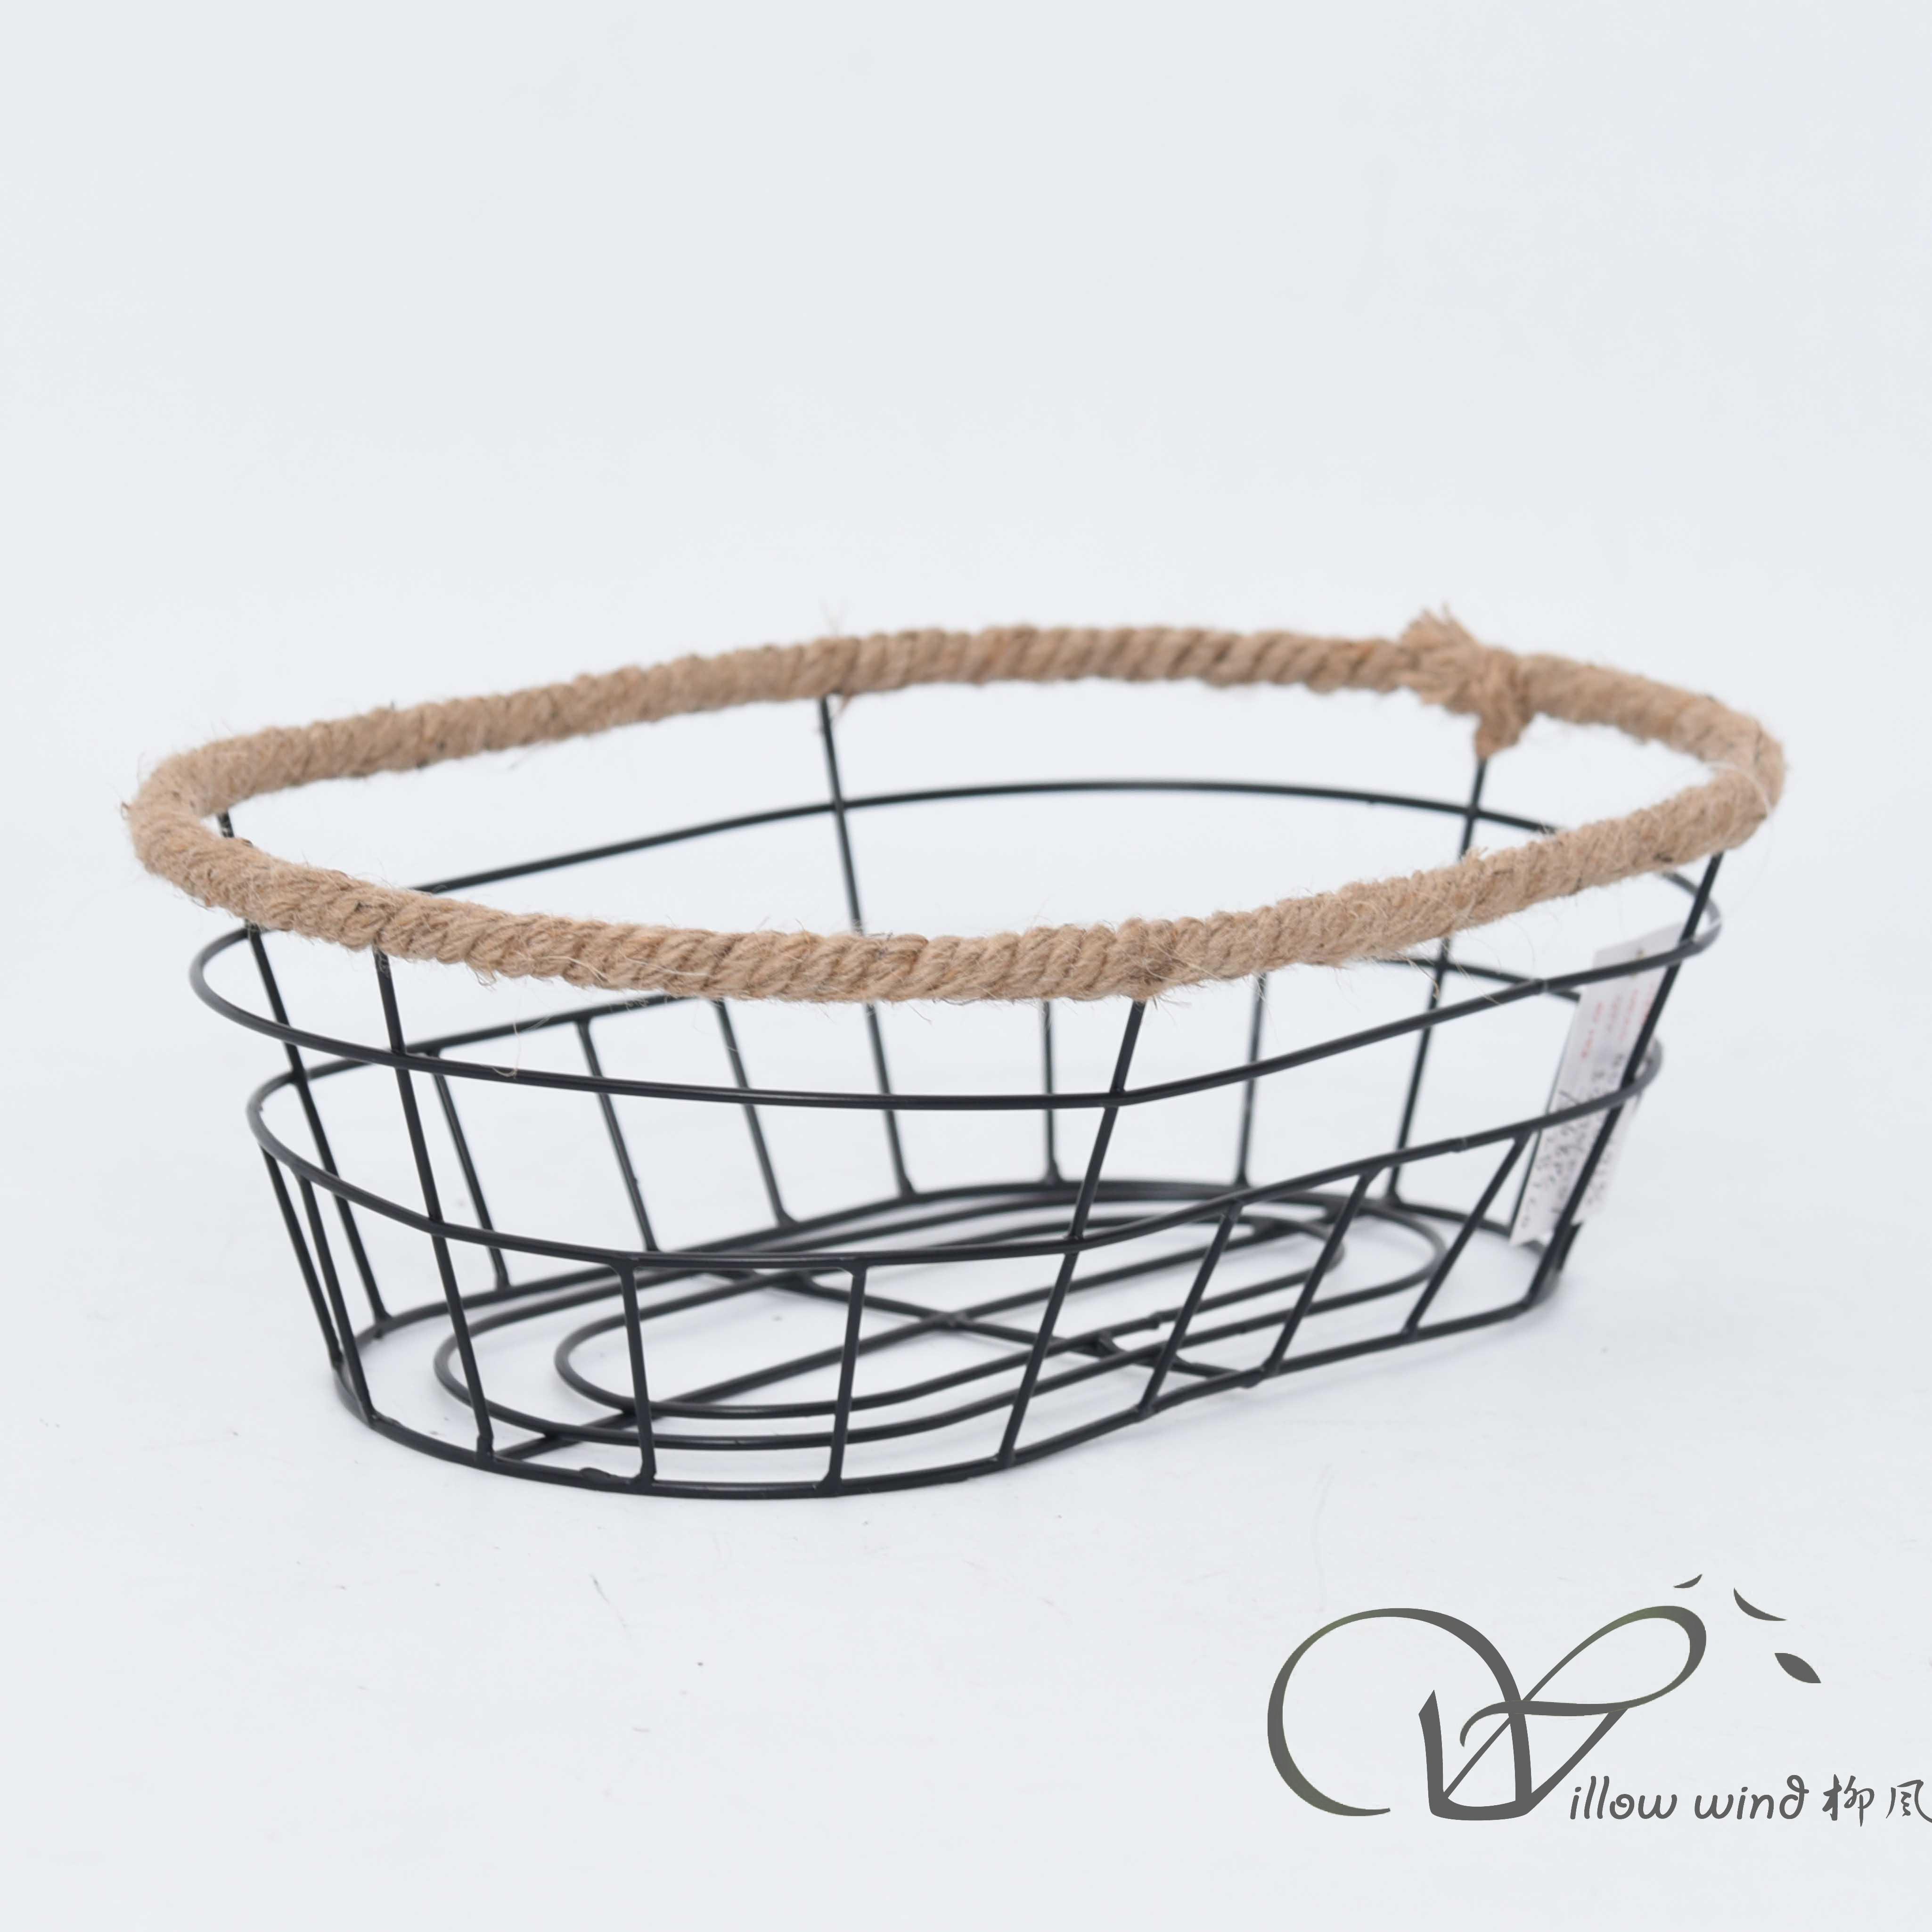 oval metal basket storage basket wire basket fruit basket table basket(复制)